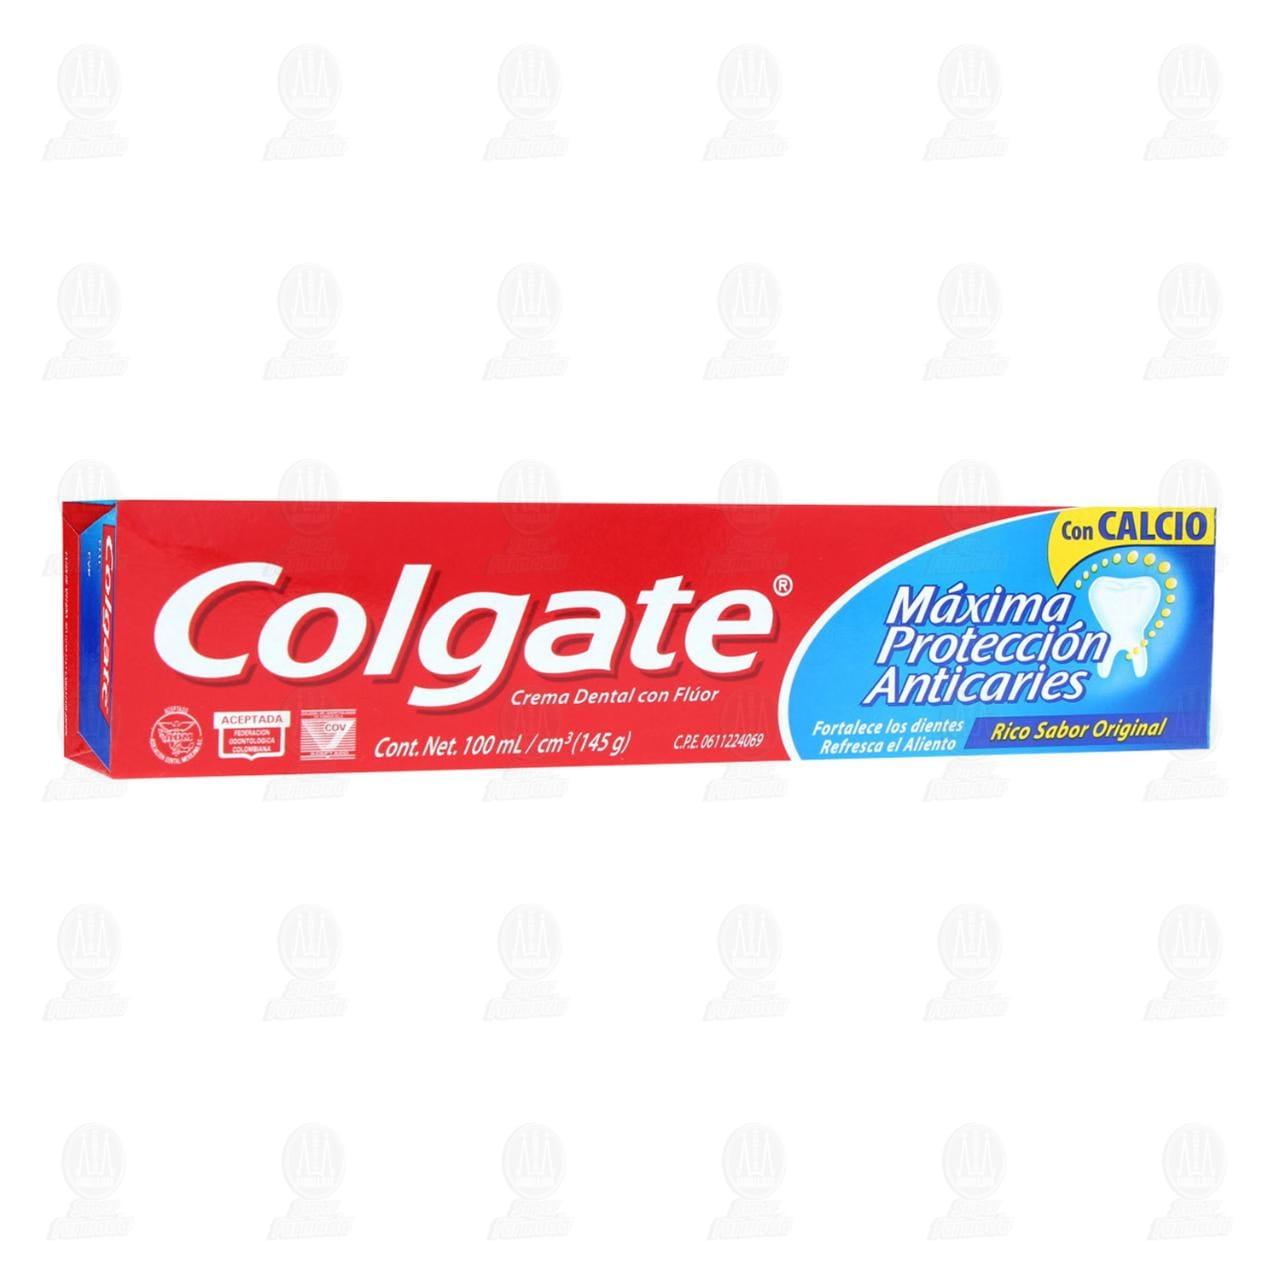 Pasta dental Colgate Máxima Protección Anticaries ,100 ml.